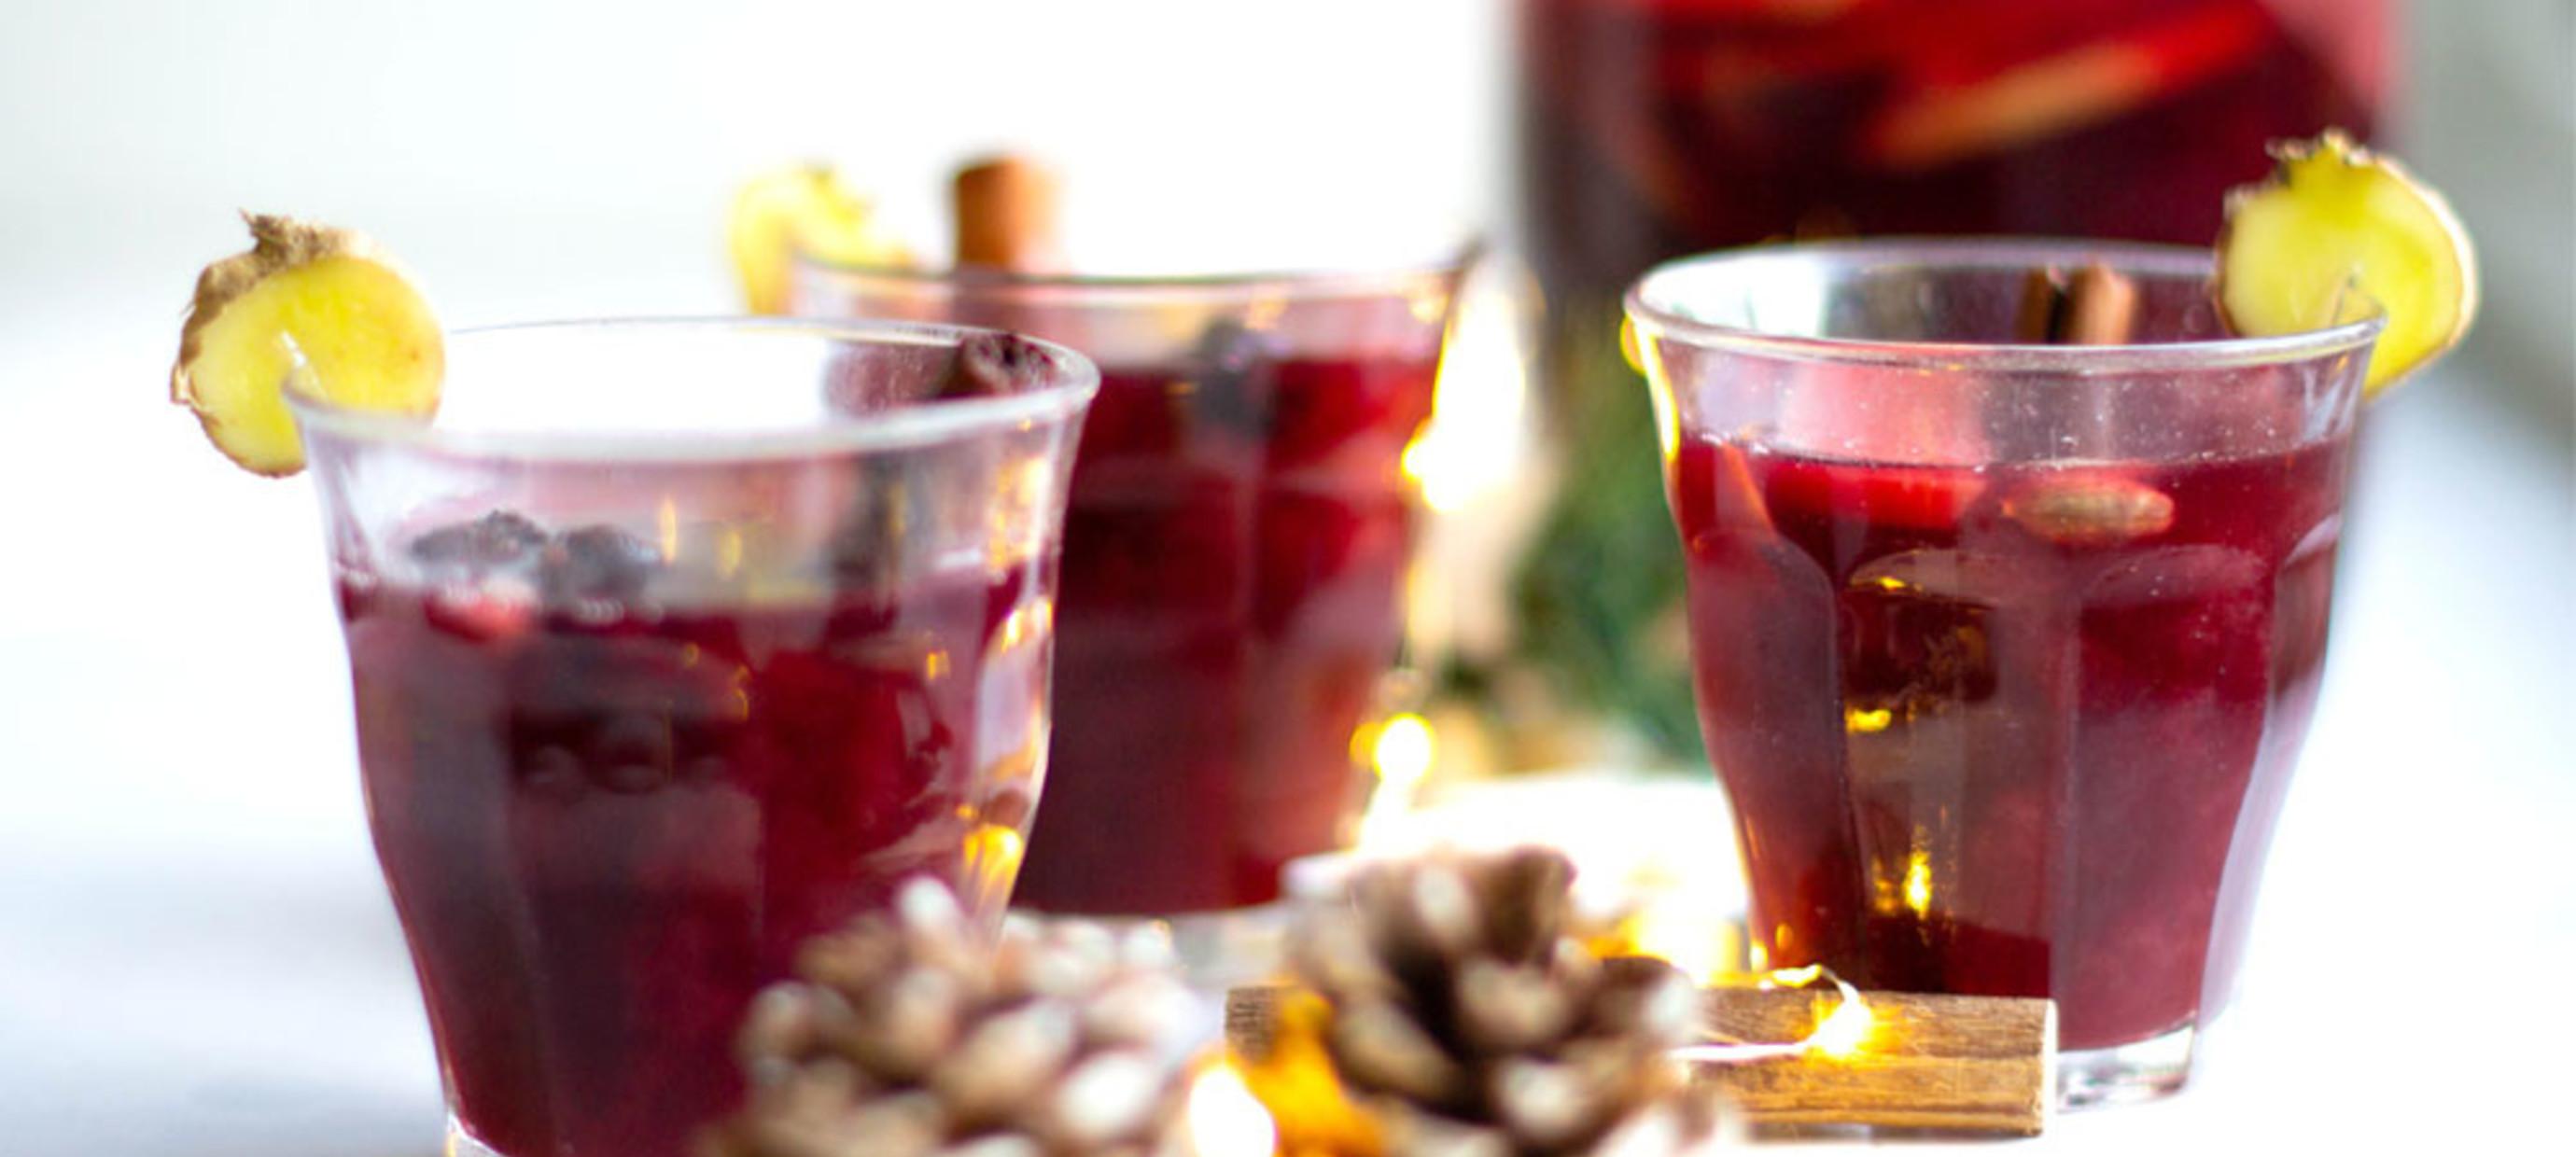 Gløgg, glögg en glögi, warme (alcoholische) drank met kruiden